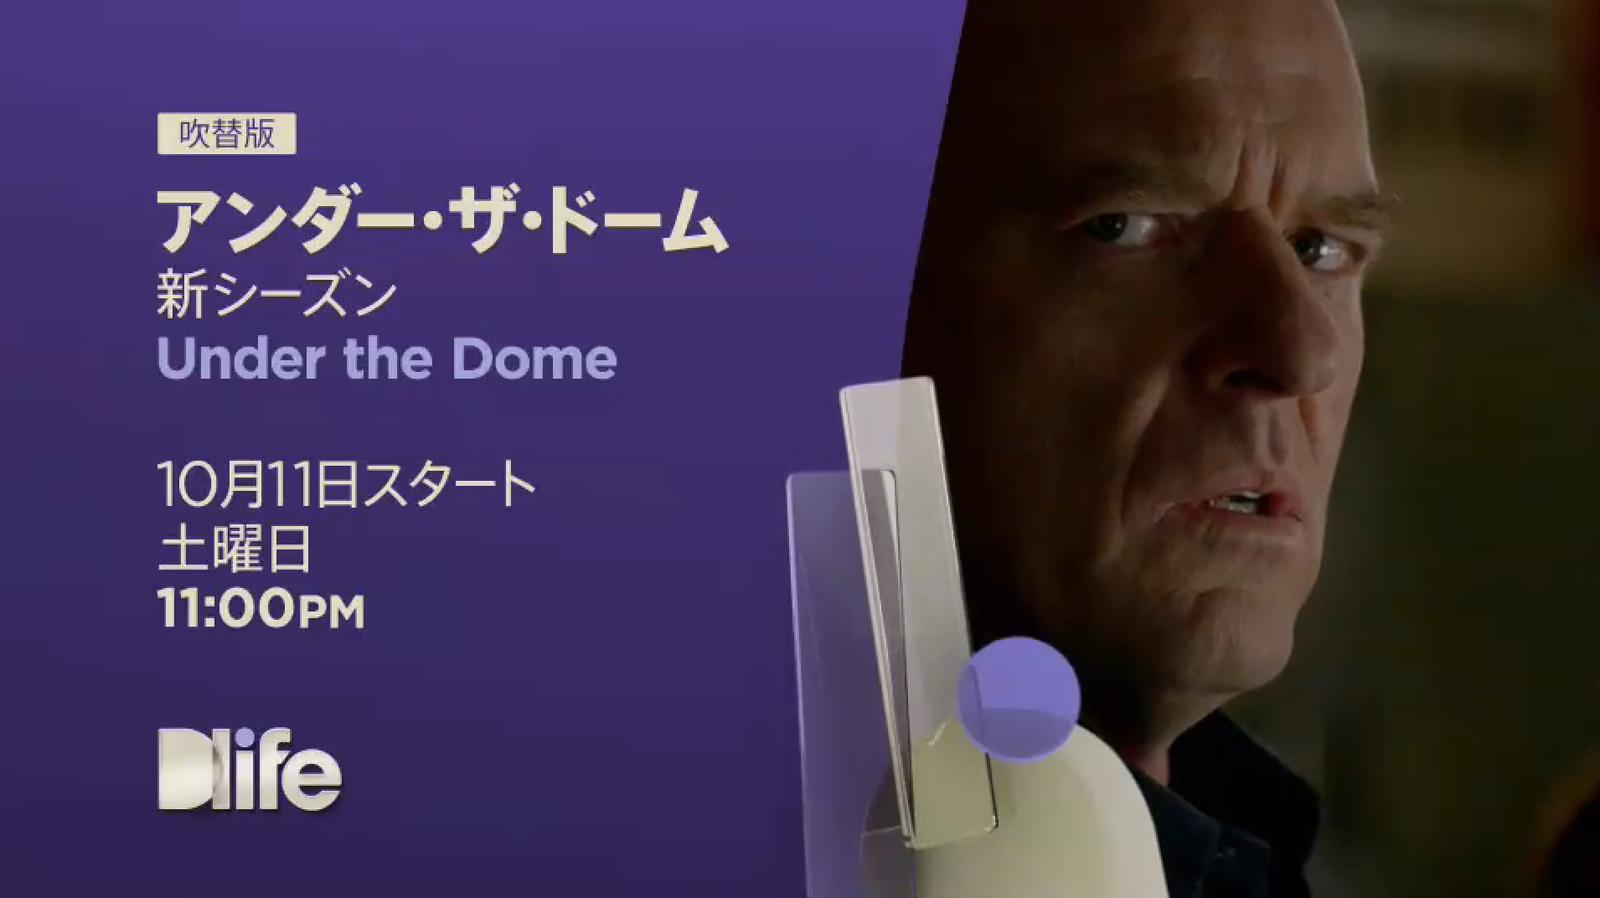 「アンダー・ザ・ドーム」シーズン2